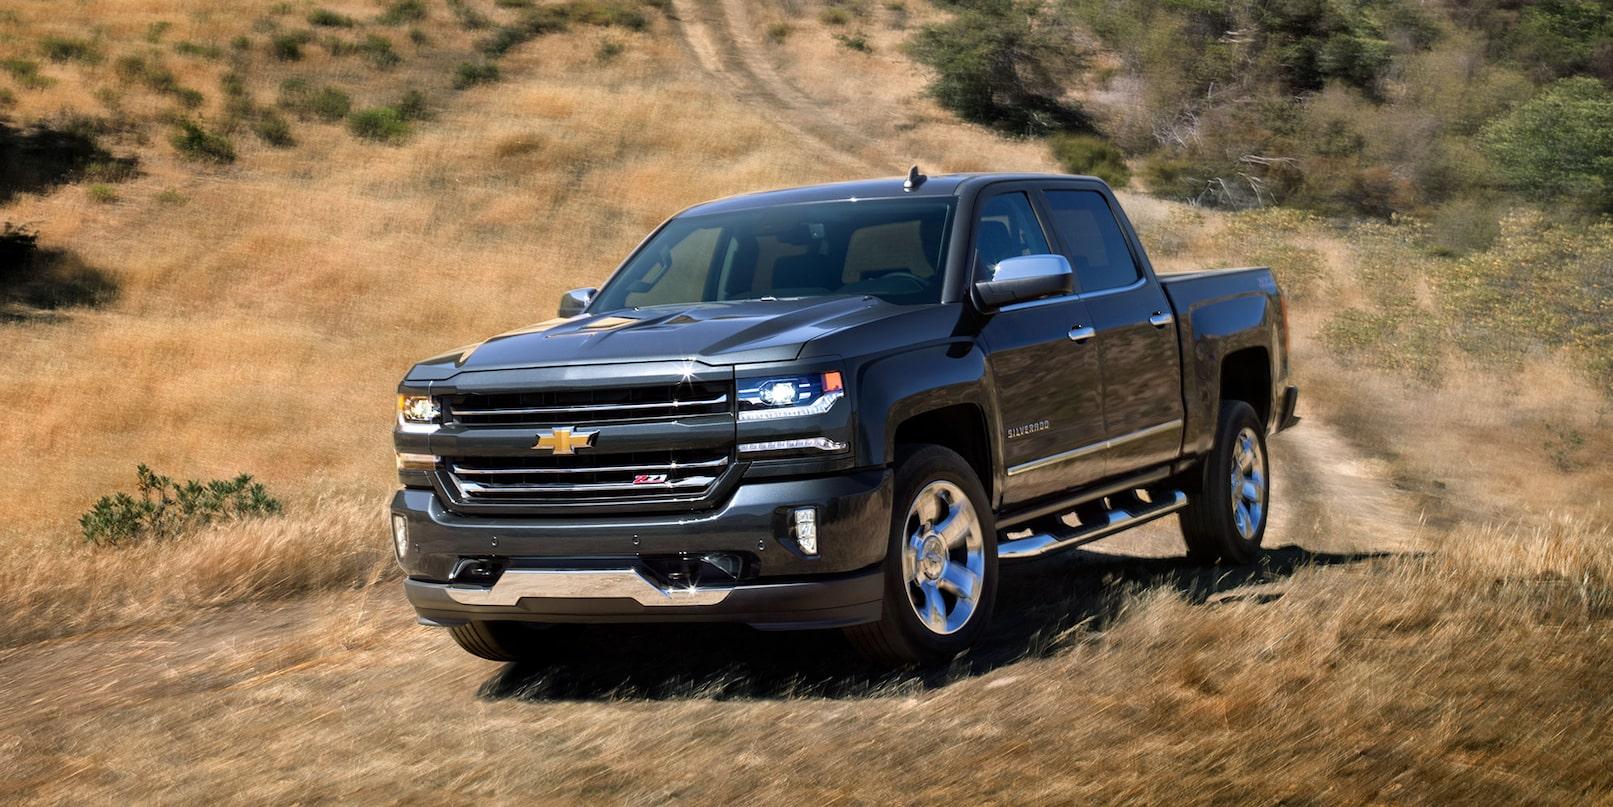 2018 RAM 1500 vs 2018 Chevrolet Silverado comparison review